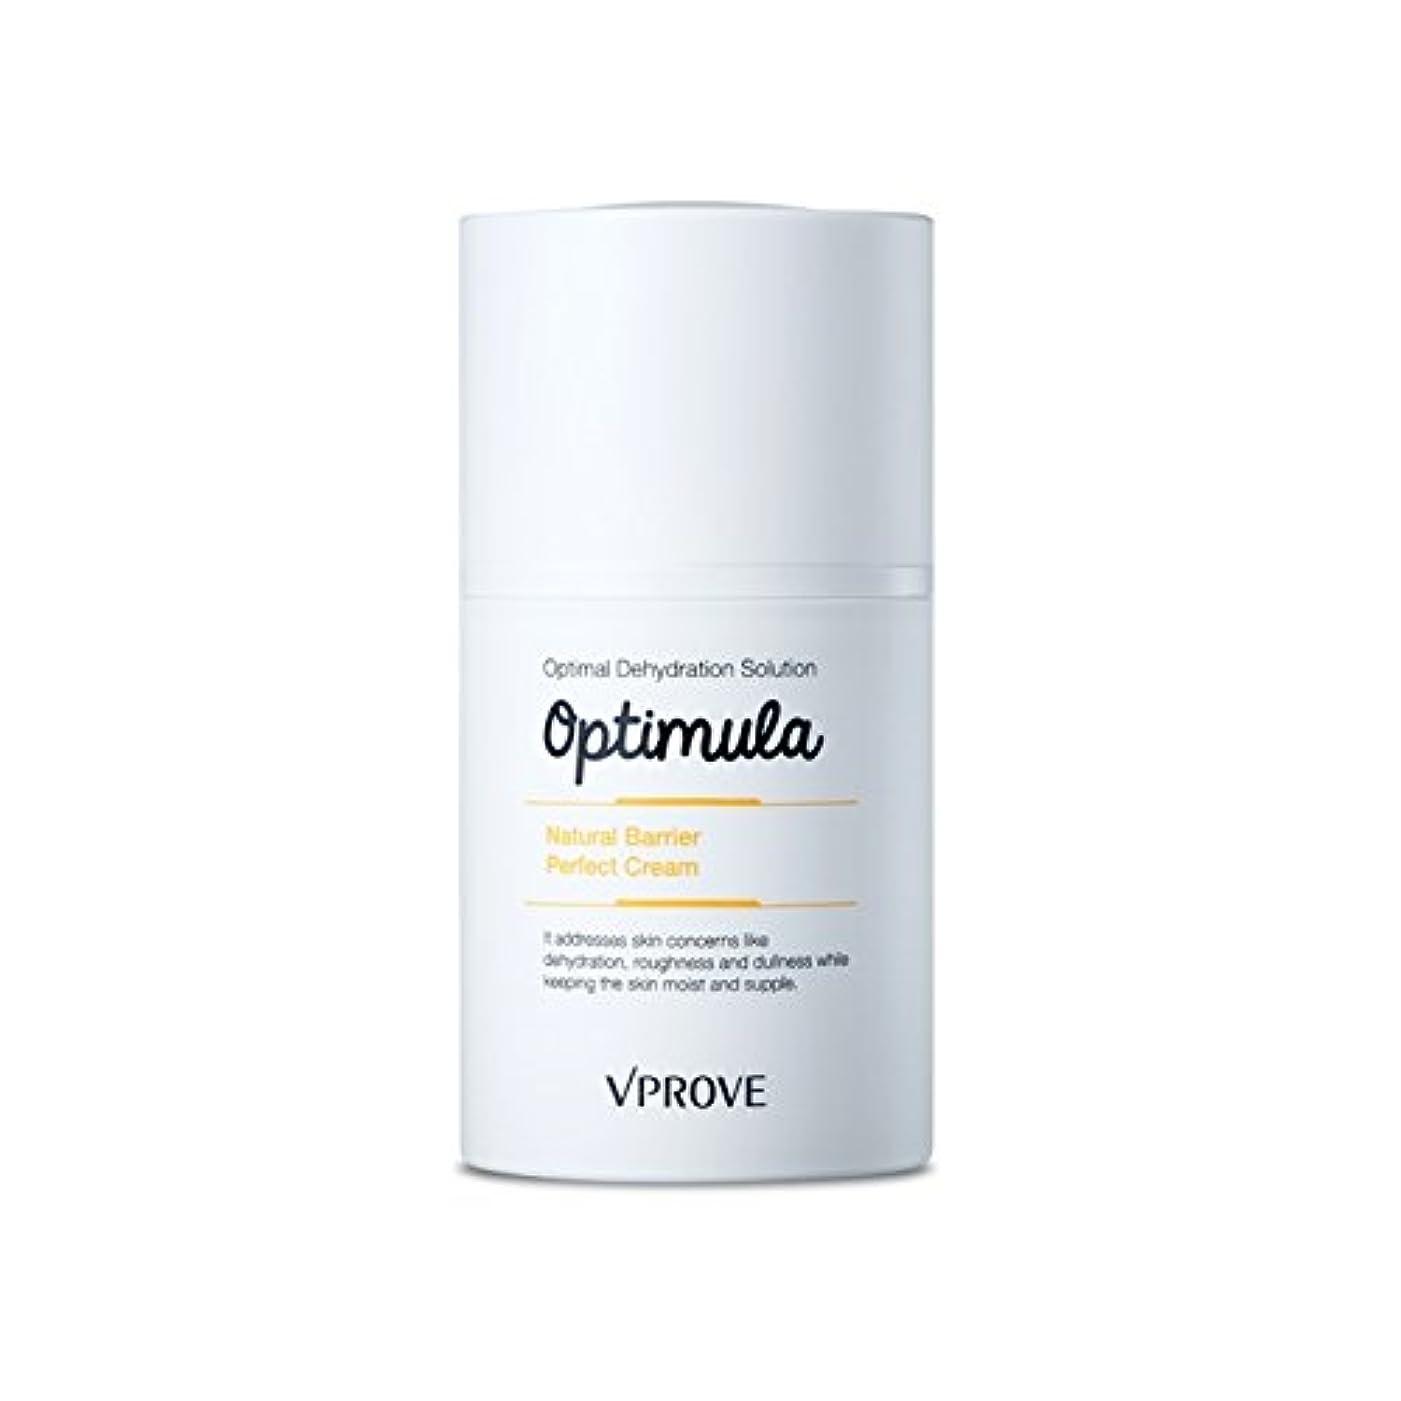 雑品消化かなりVPROVE オプチミュラ ナチュラル バリア パーフェクト クリーム/Optimula Natural Barrier Perfect Cream(50ml) [並行輸入品]